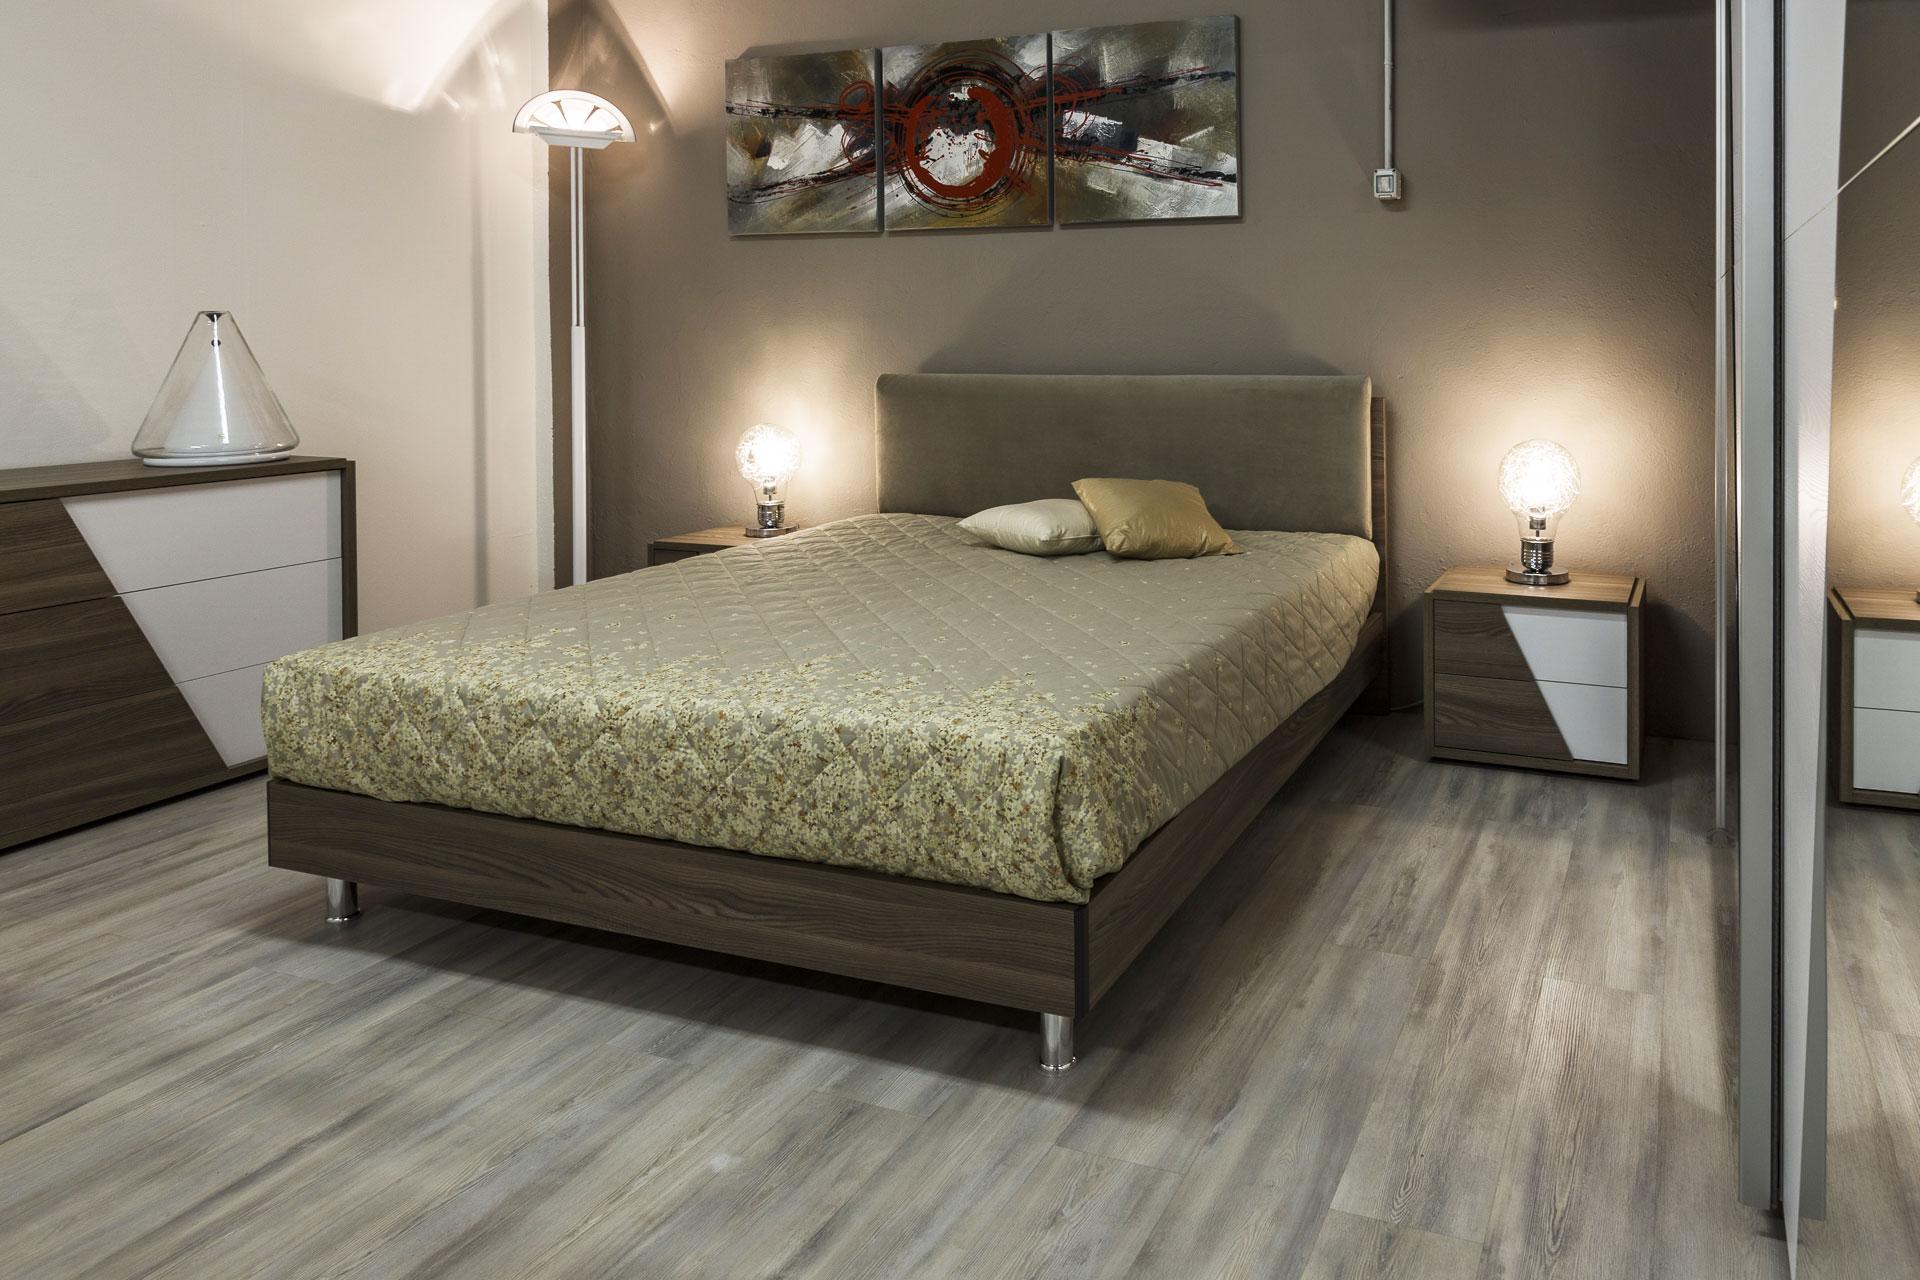 Camere Da Letto Matrimoniali Moderne camere da letto moderne imola | ronchi arredamenti